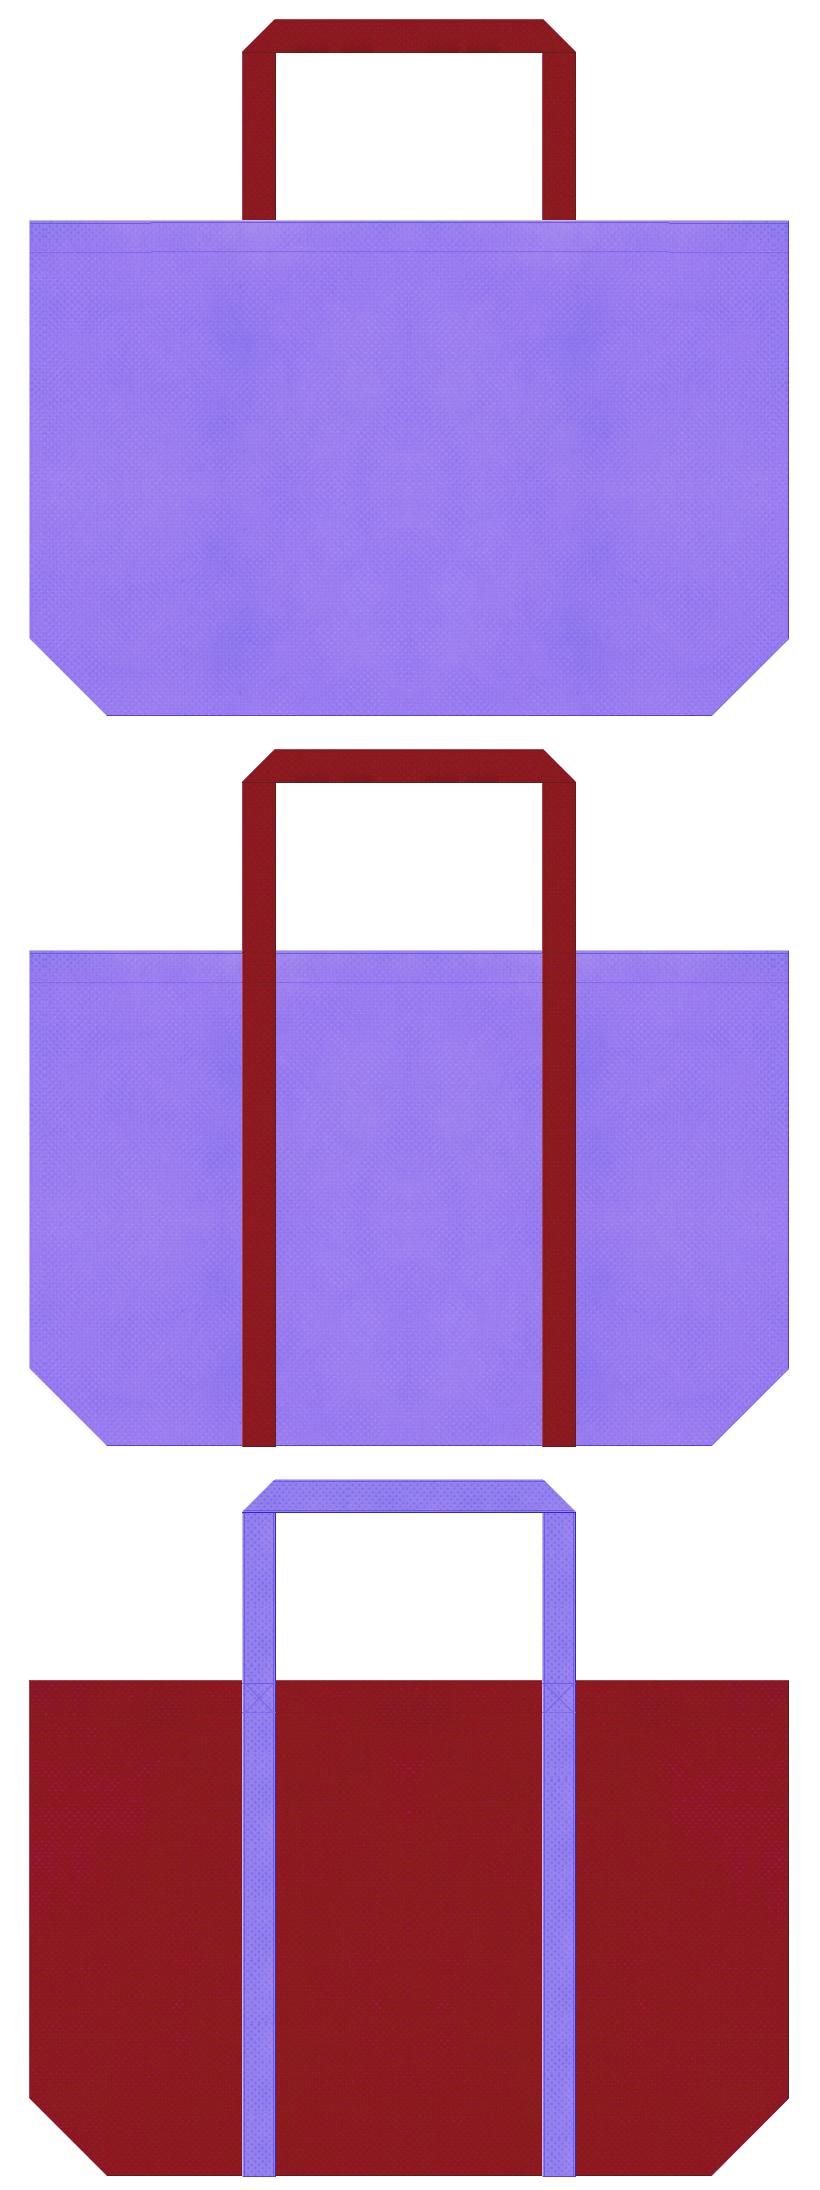 薄紫色とエンジ色の不織布ショッピングバッグデザイン。